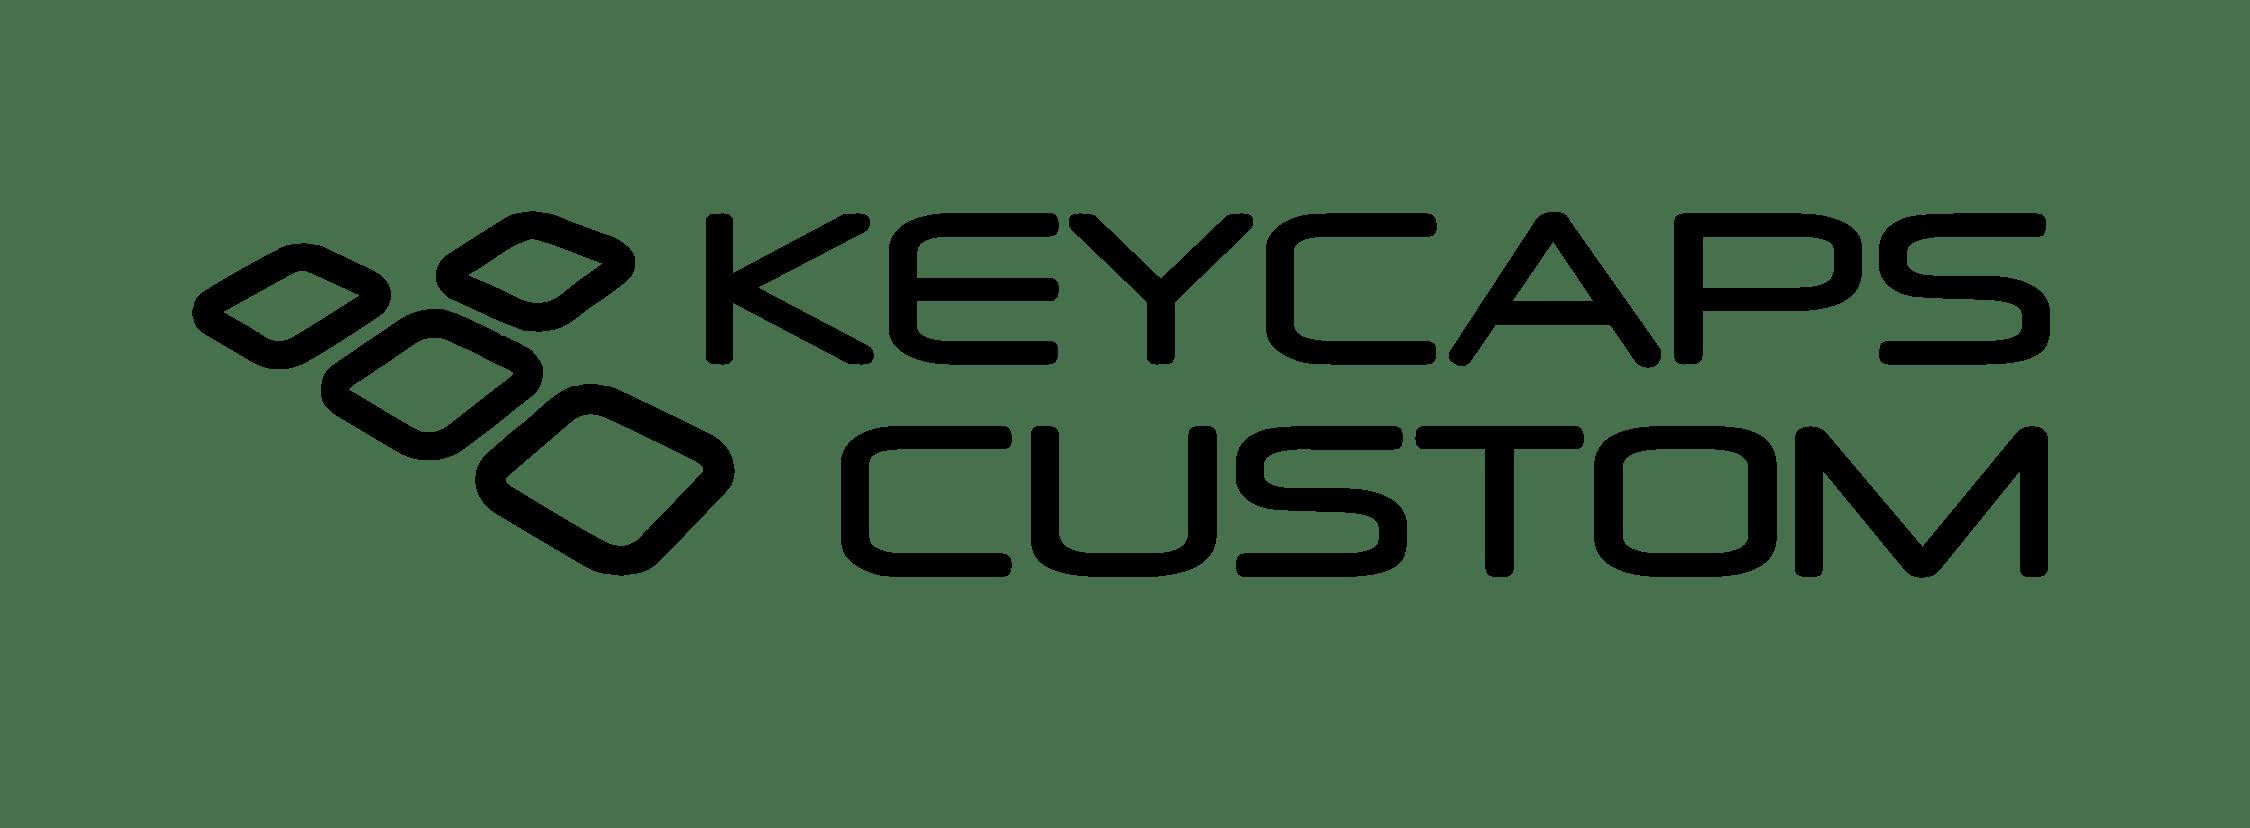 Keycapscustom logo